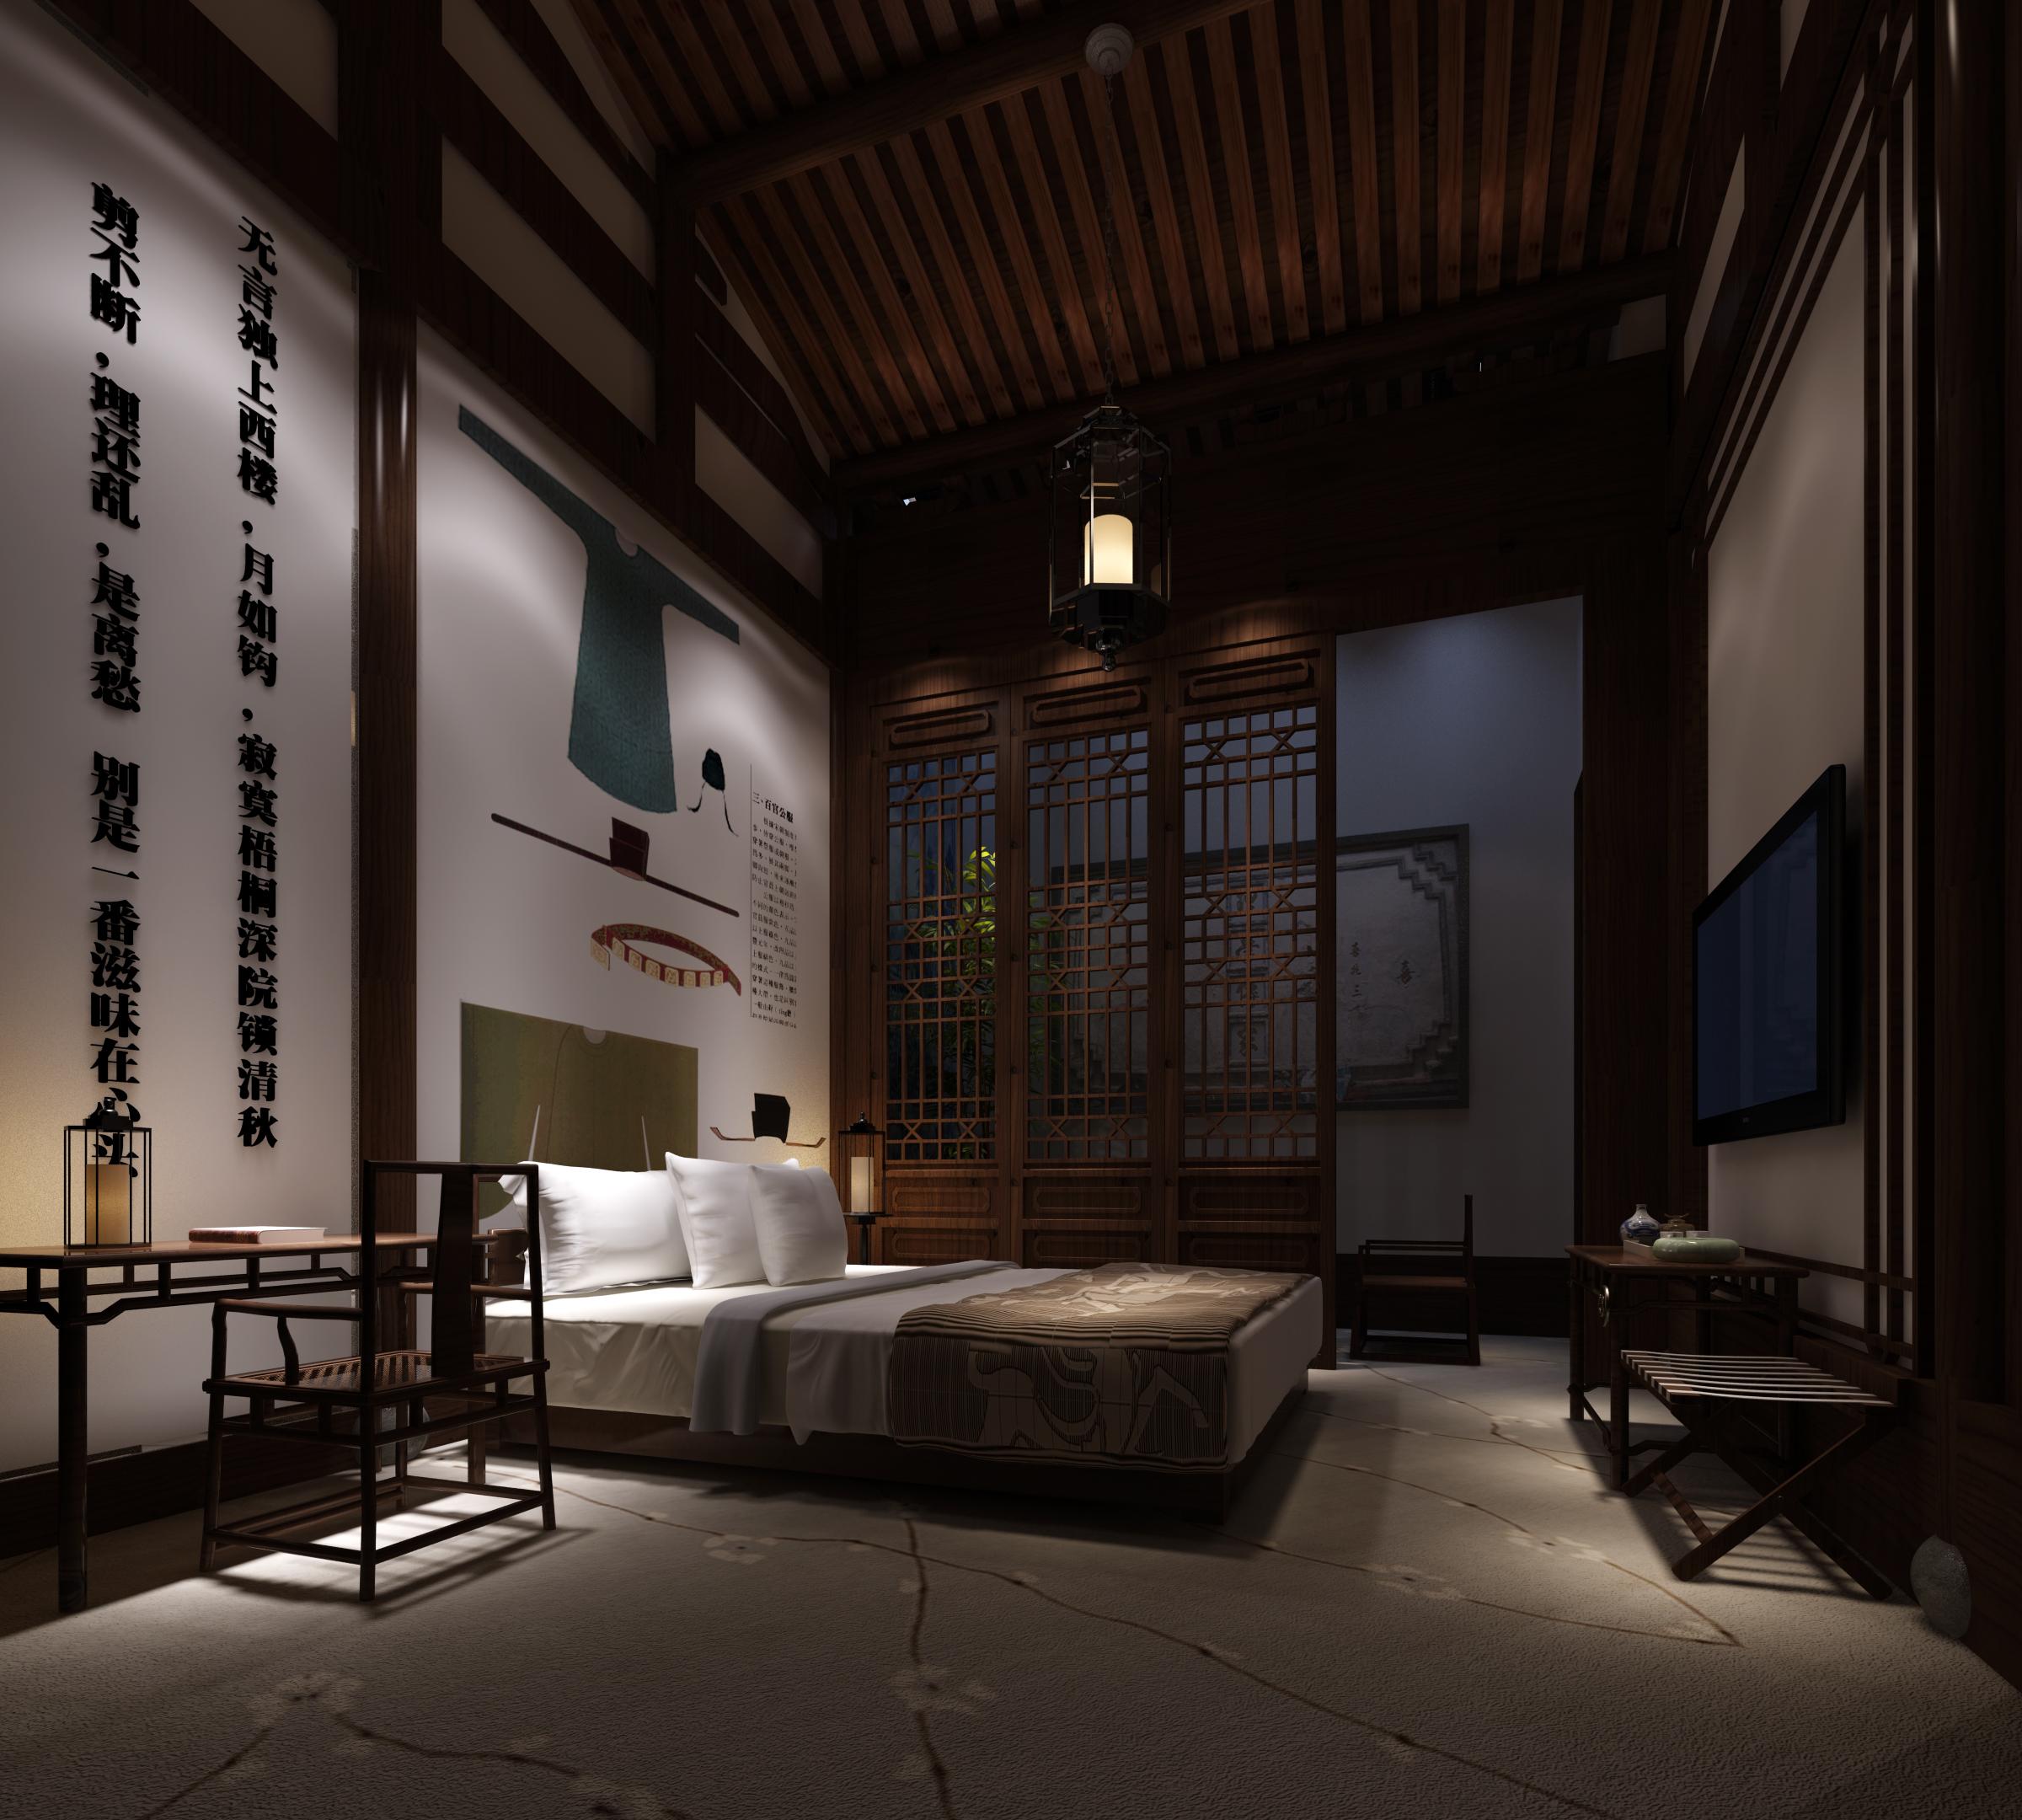 工装公司是这样装修酒店餐厅的酒店装修效果图_宋代风格